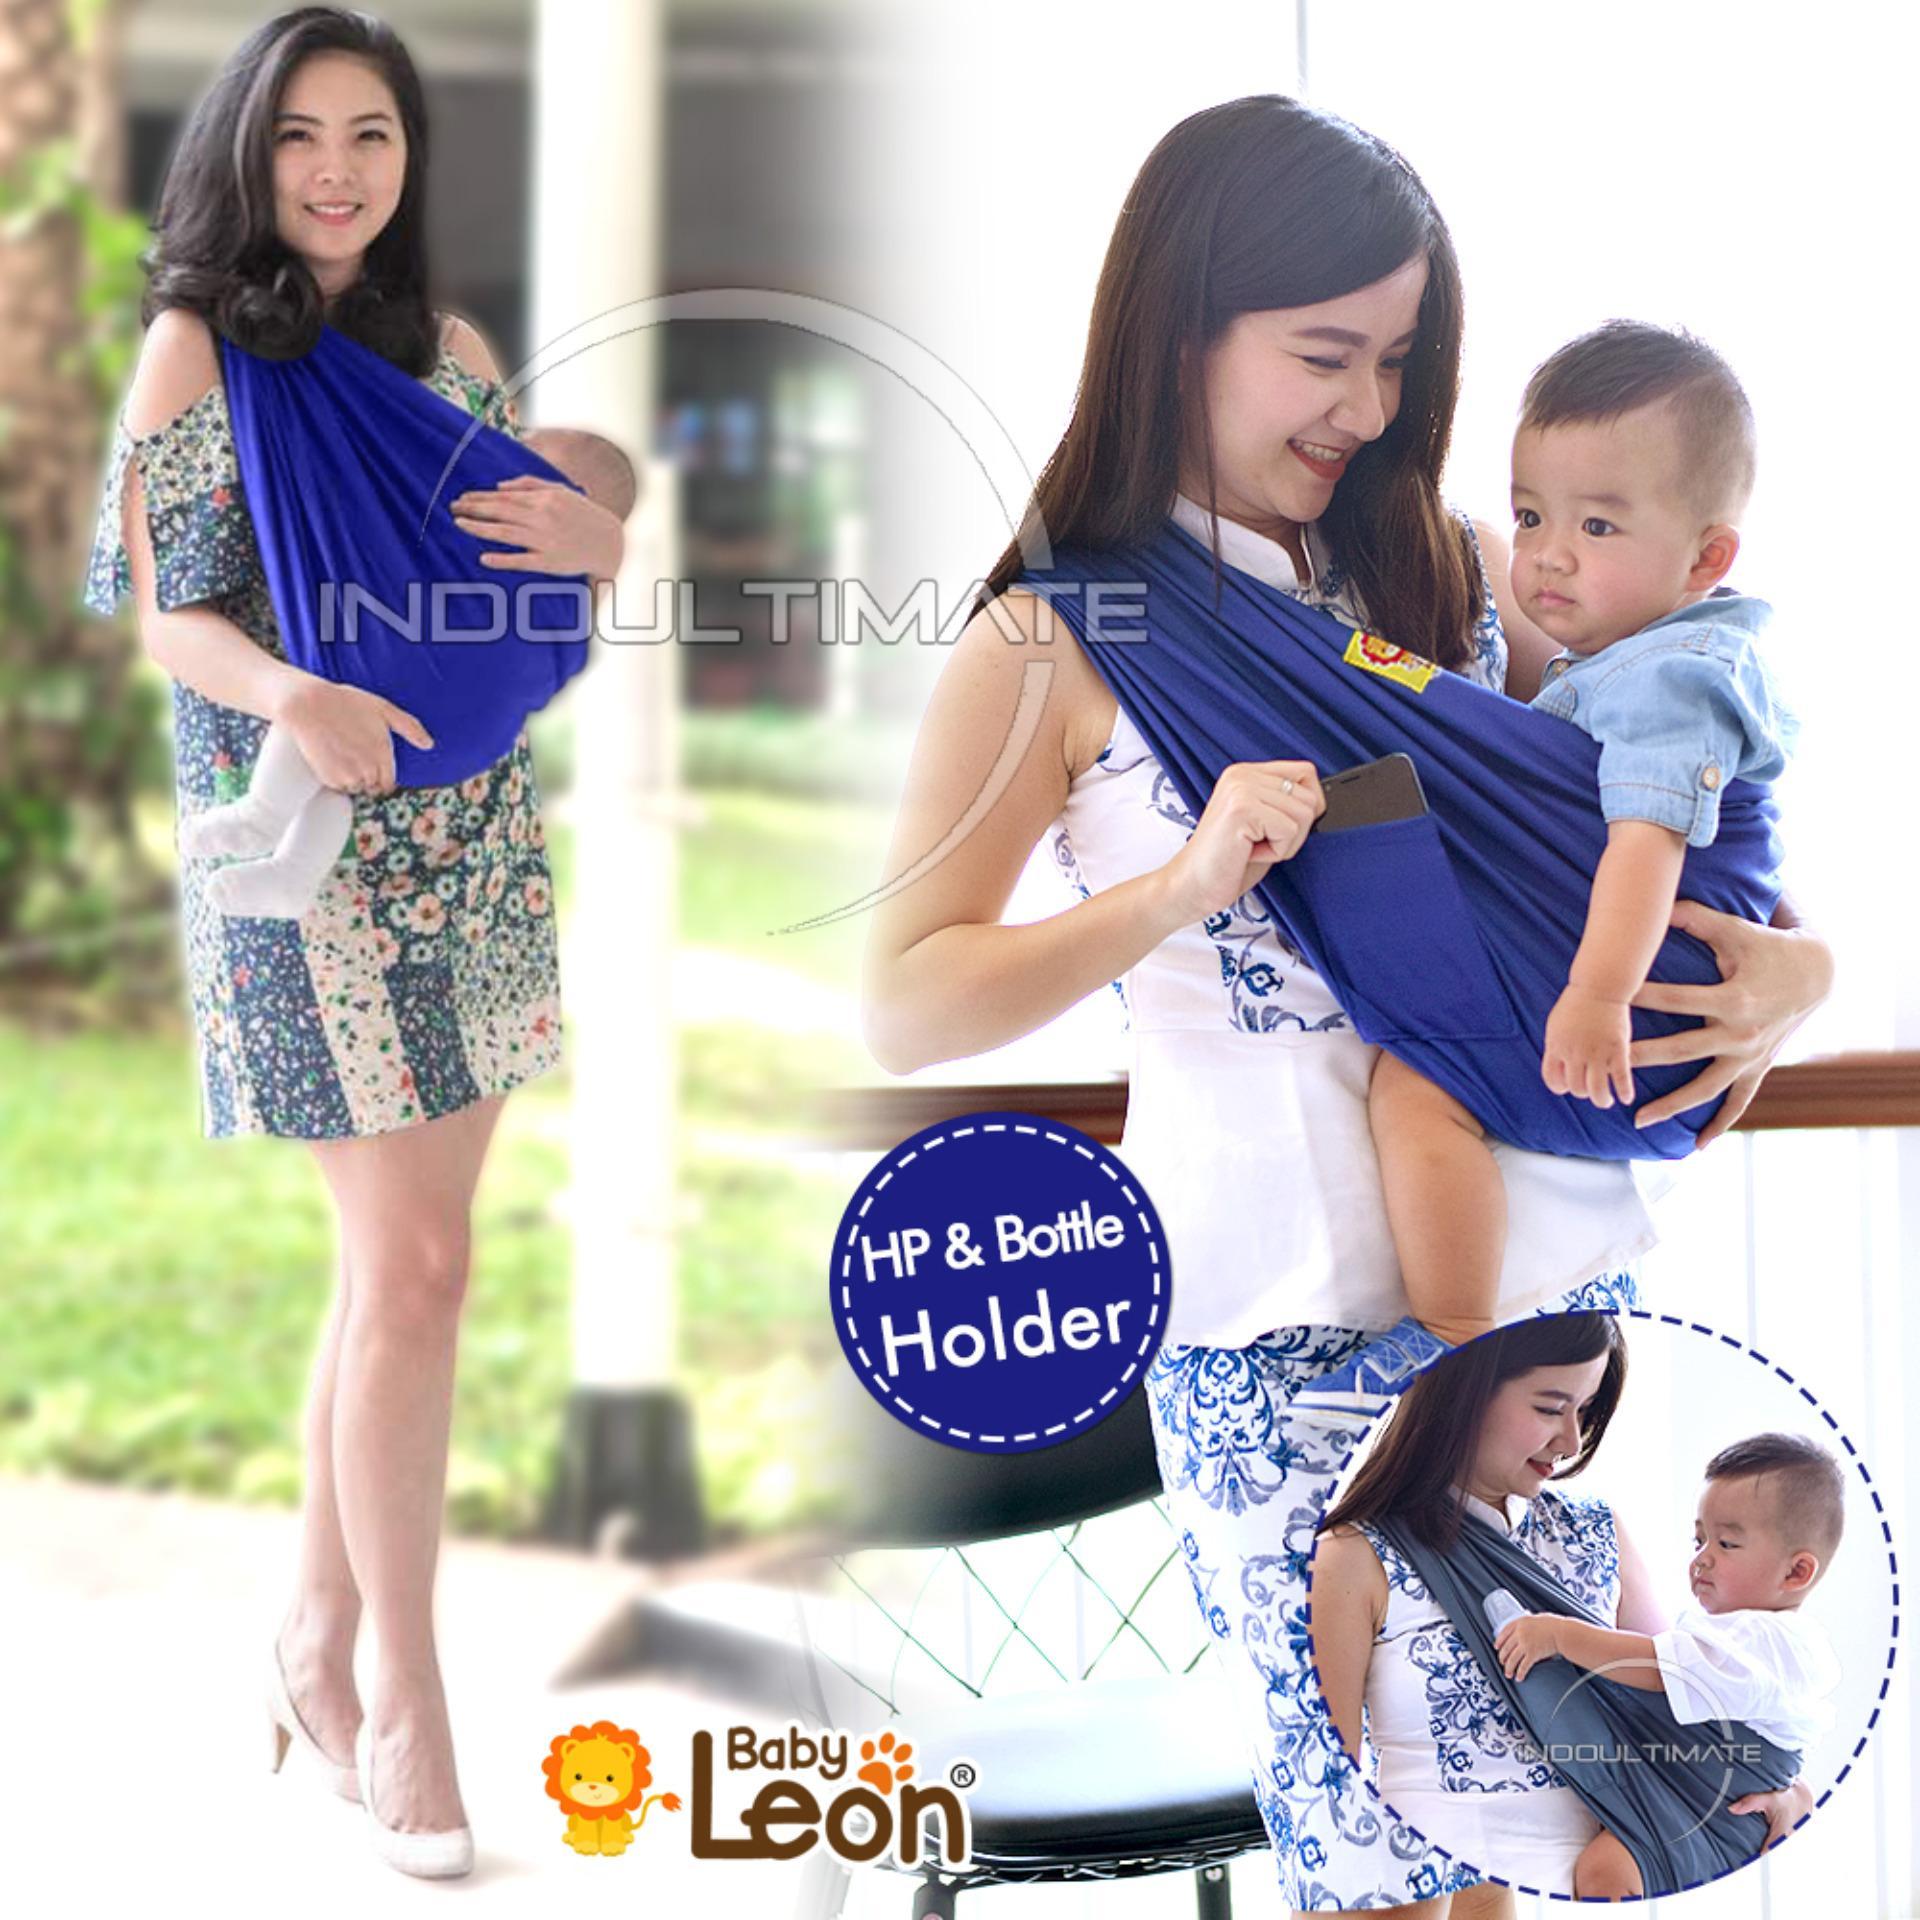 BABY LEON GENDONGAN Bayi Kaos/Geos/selendang Bayi Praktis BY 44 GB Polos Ukuran L - Biru Benhur